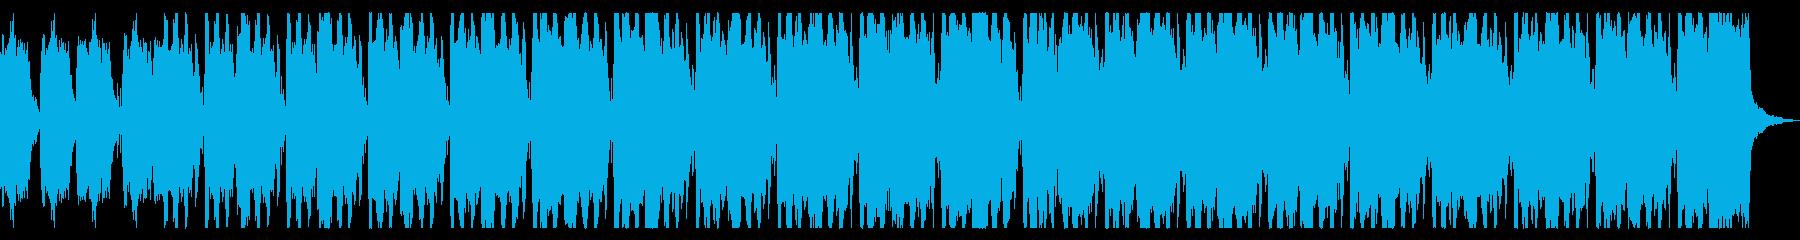 和太鼓と笛の祭囃子風BGMの再生済みの波形